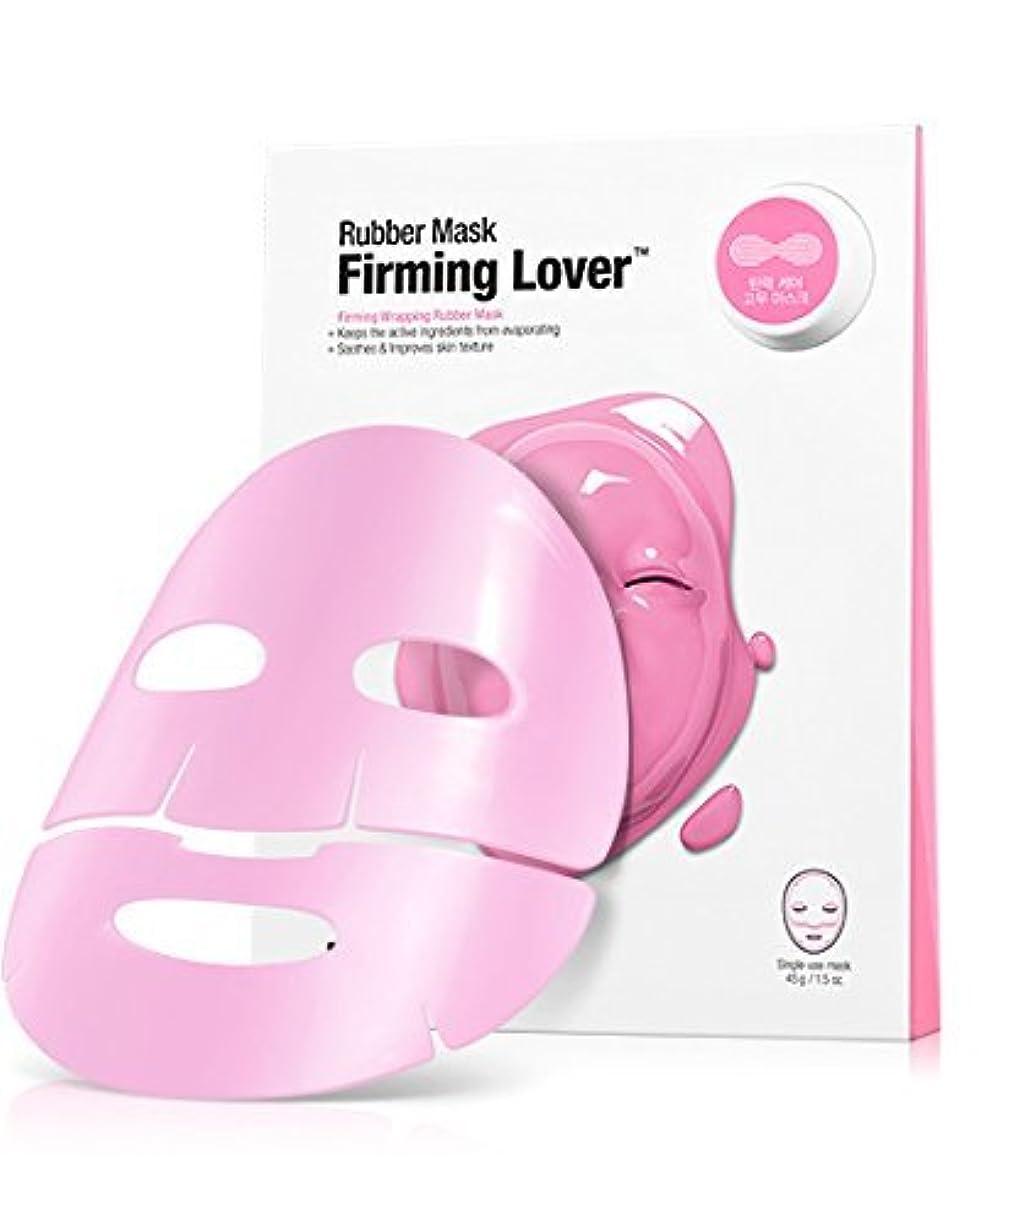 スノーケル第五キリマンジャロDr. Jart Dermask Rubber Mask 1.5oz 1pcs (Firming Lover) [並行輸入品]